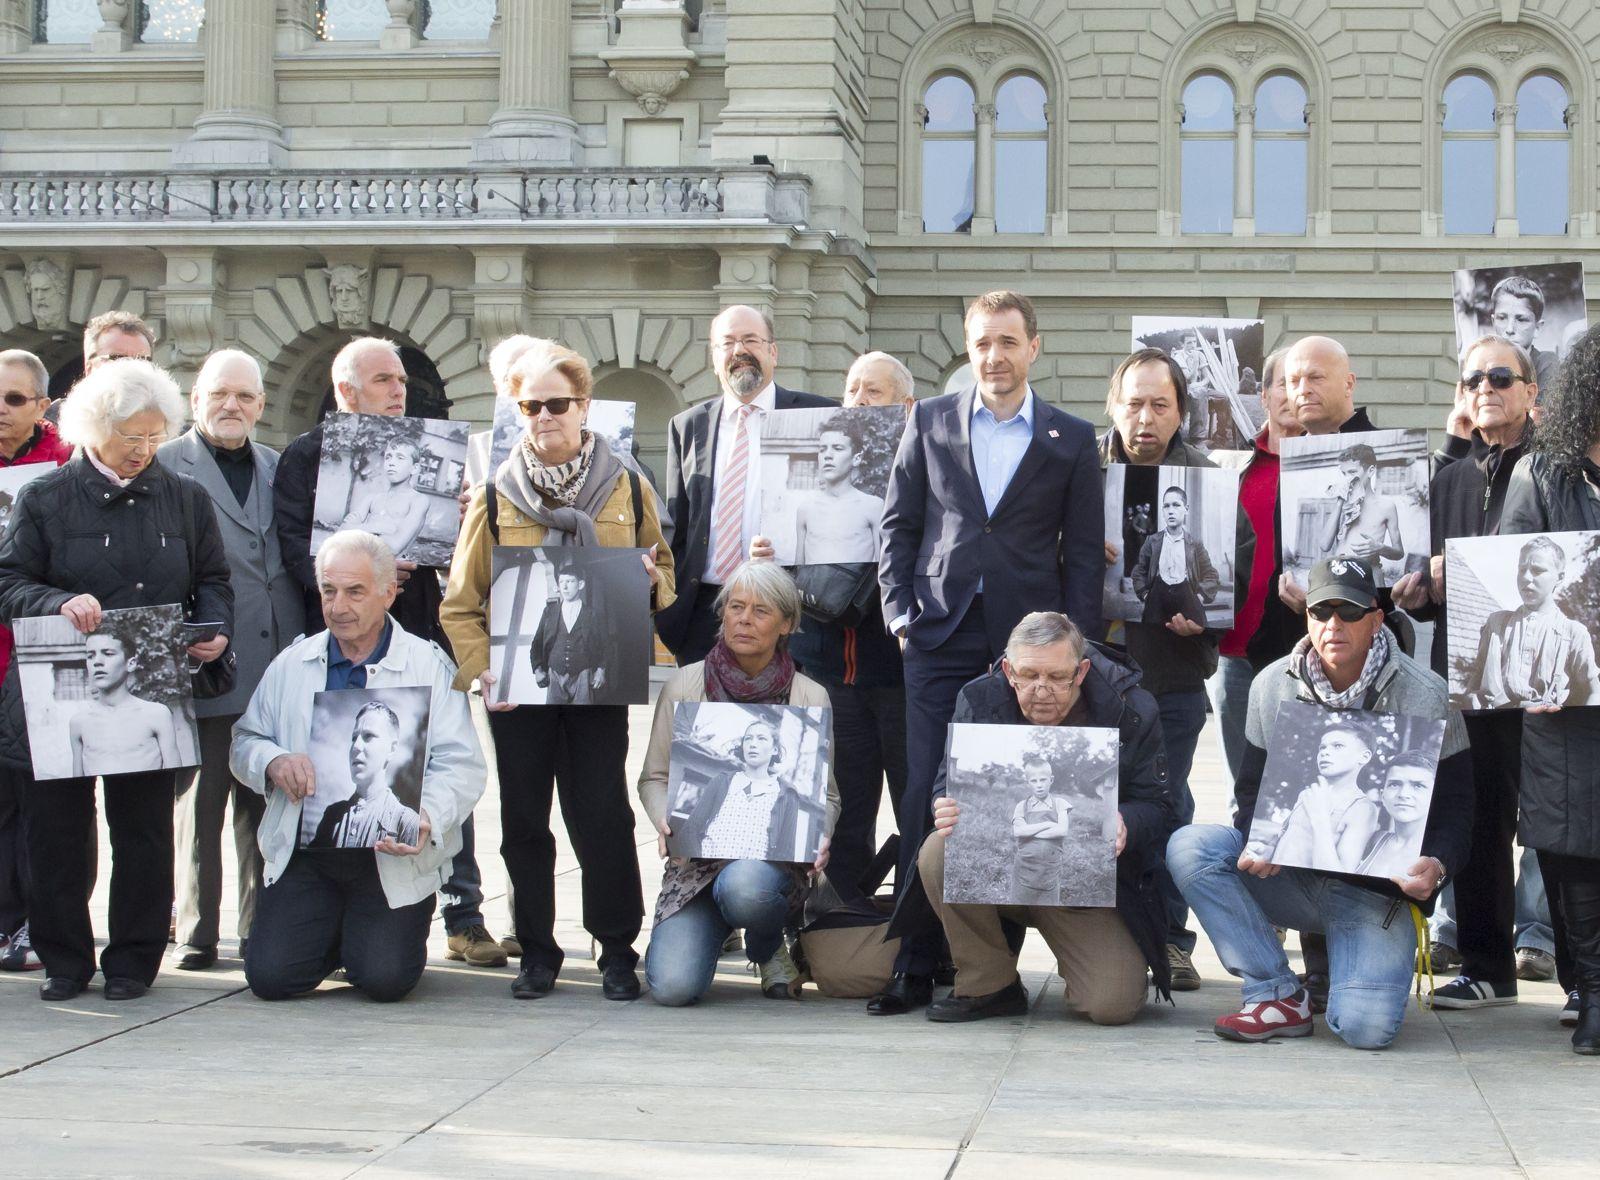 Versorgt, verwahrt, verdingt: Betroffene auf dem Bundesplatz. Stehend, im blauen Anzug, Guido Fluri aus Cham; im Hintergrund der Zuger Ständerat Joachim Eder.